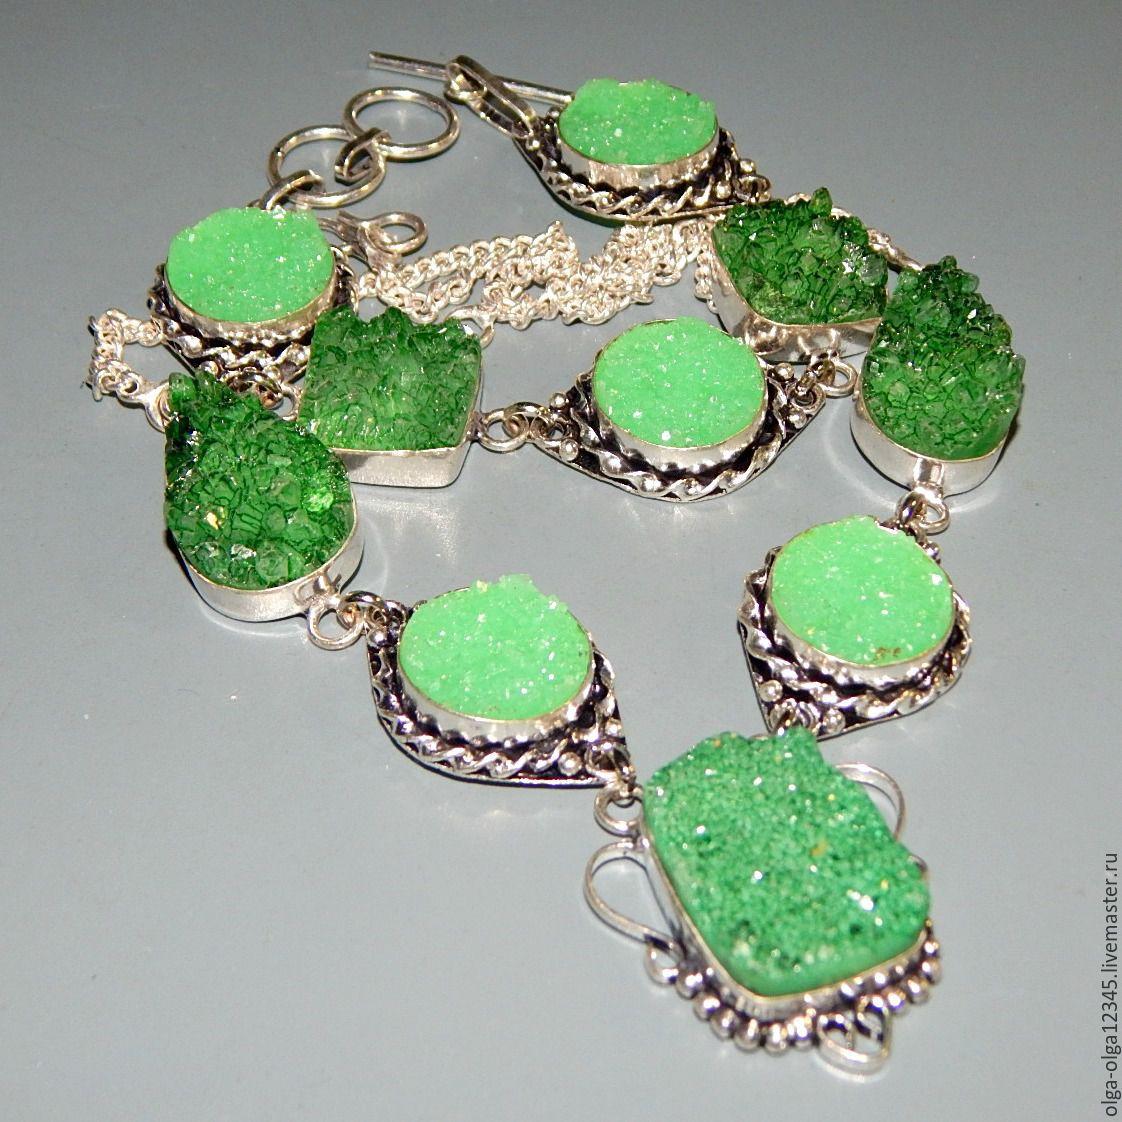 Ювелирные украшения из агата в серебре фото